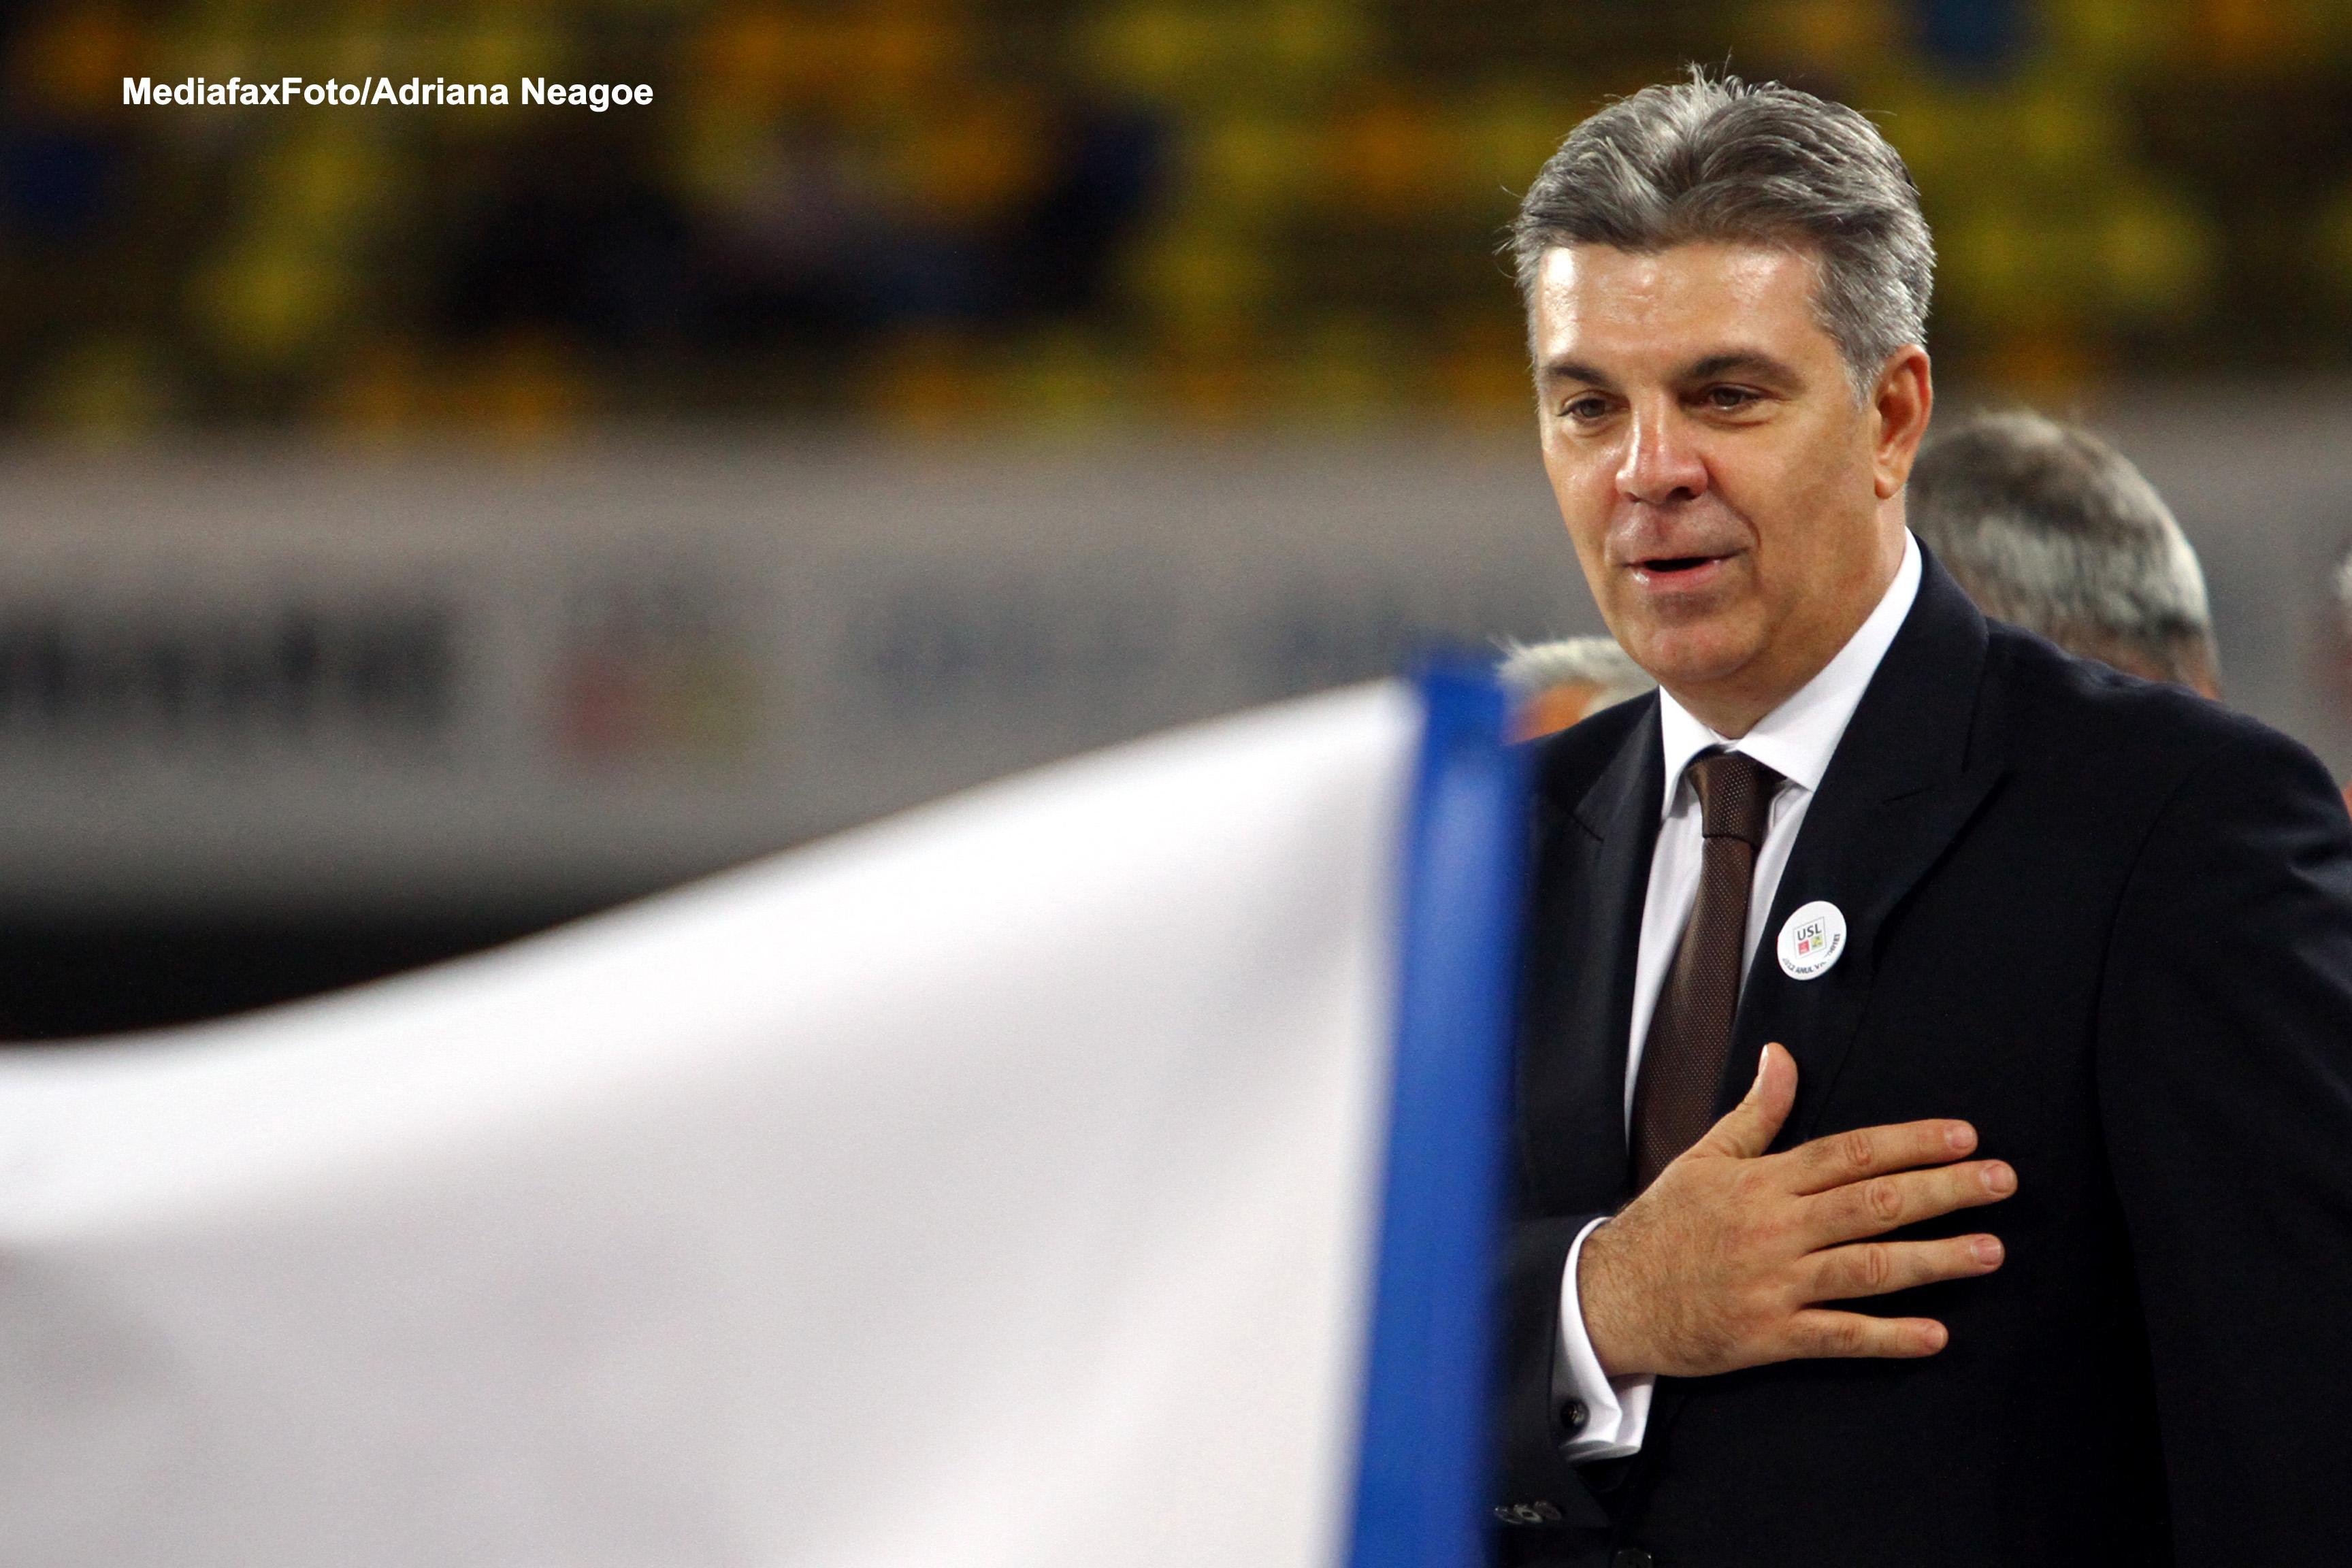 Valeriu Zgonea il roaga pe Victor Ponta sa nu demisioneze din fruntea PSD. Motivul are legatura cu prezidentialele